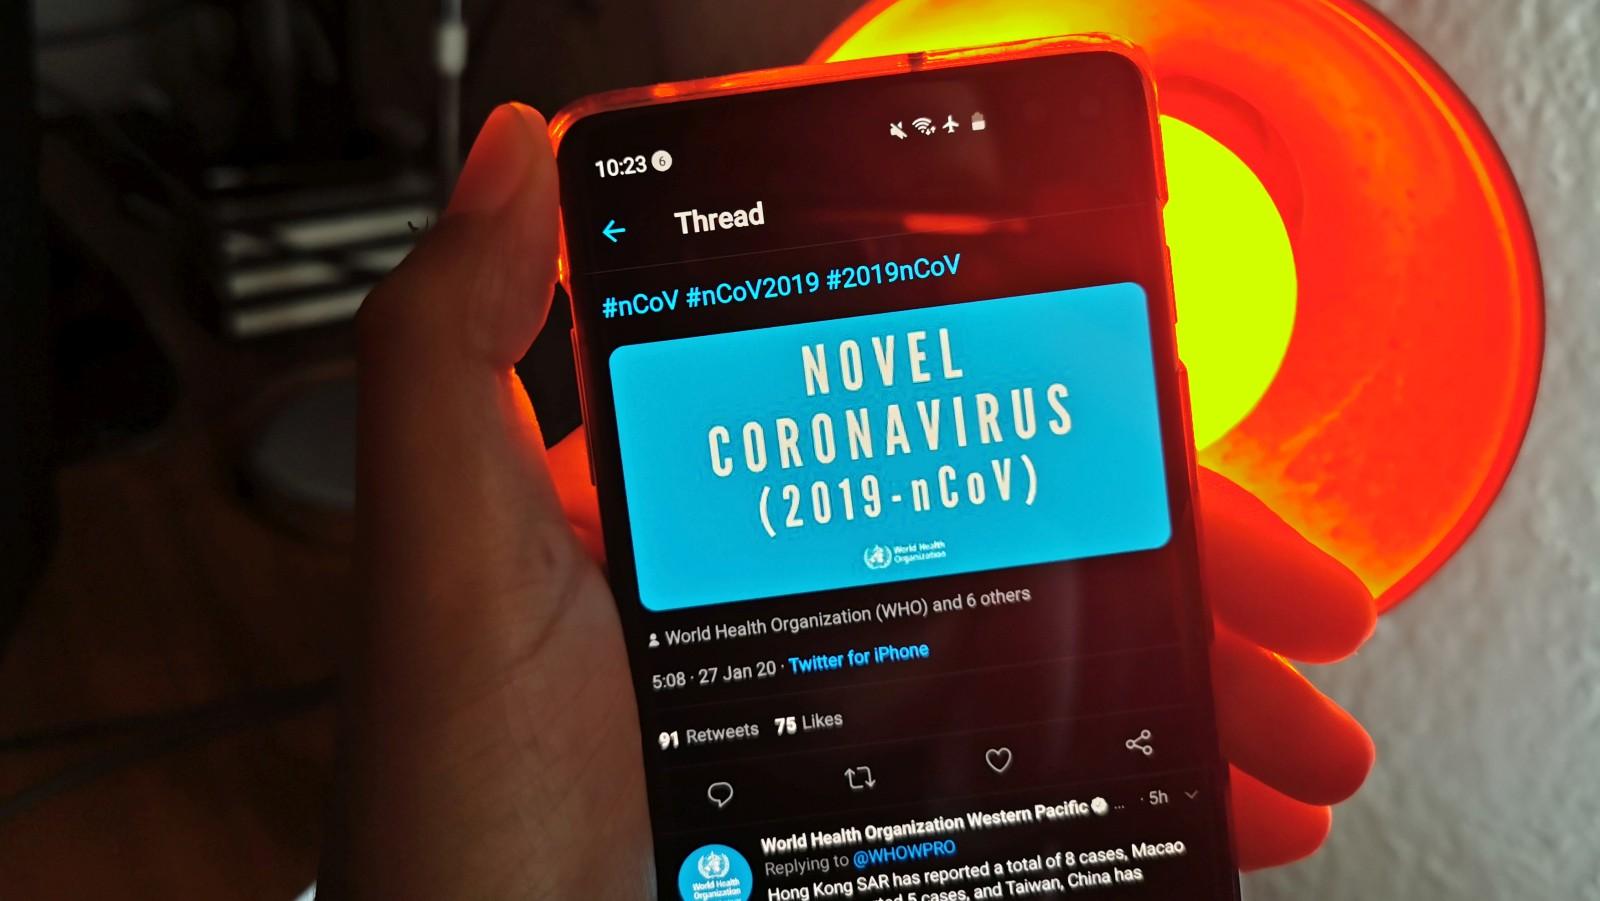 Măsurile luate de Twitter pentru a opri dezinformarea despre coronavirus sunt insuficiente